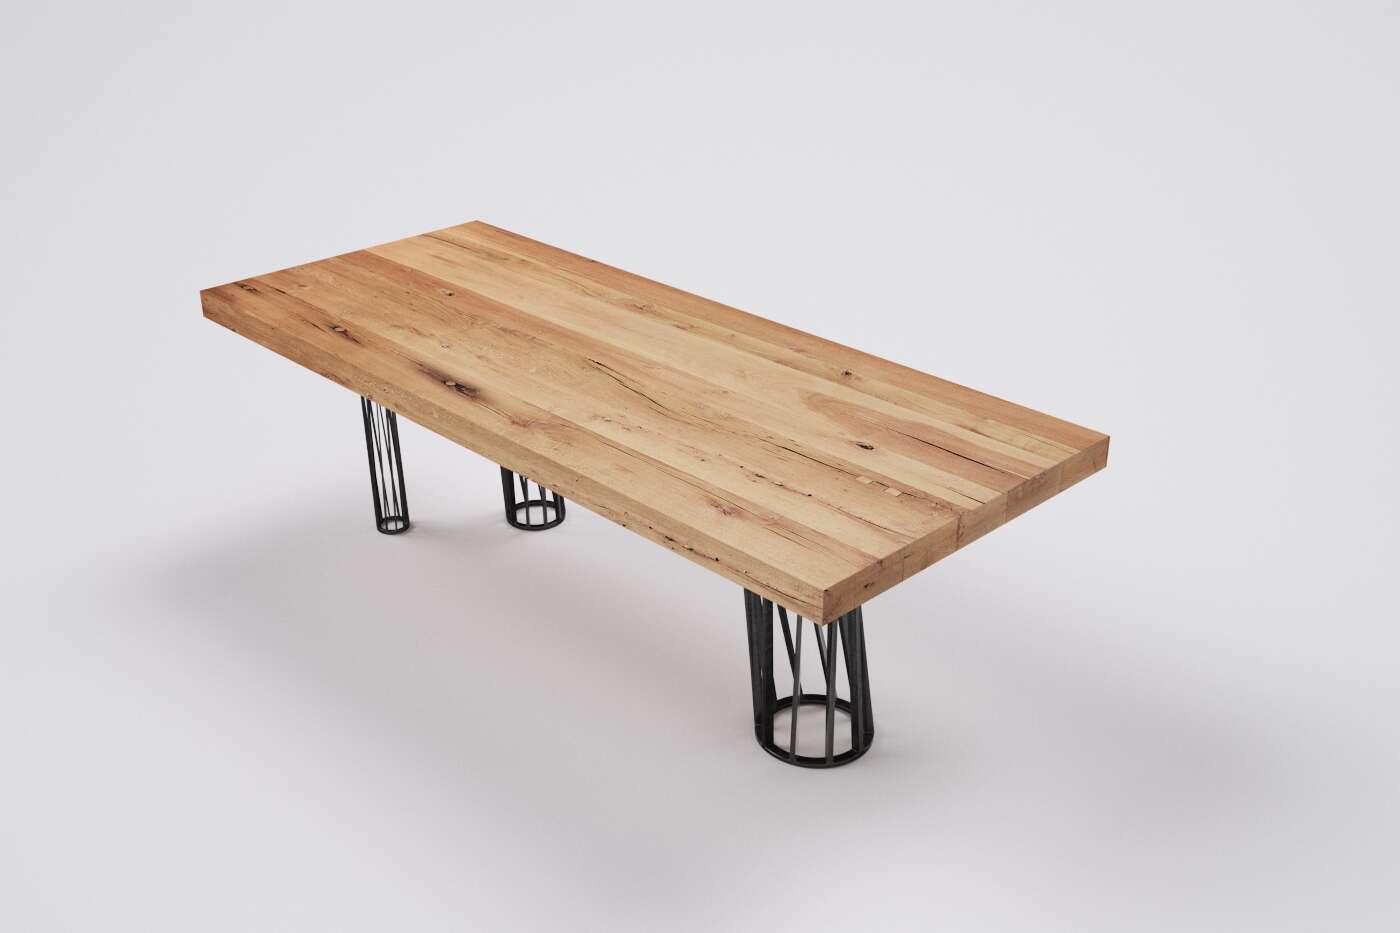 esstisch massivholz nach mass alteiche wohnsektion. Black Bedroom Furniture Sets. Home Design Ideas